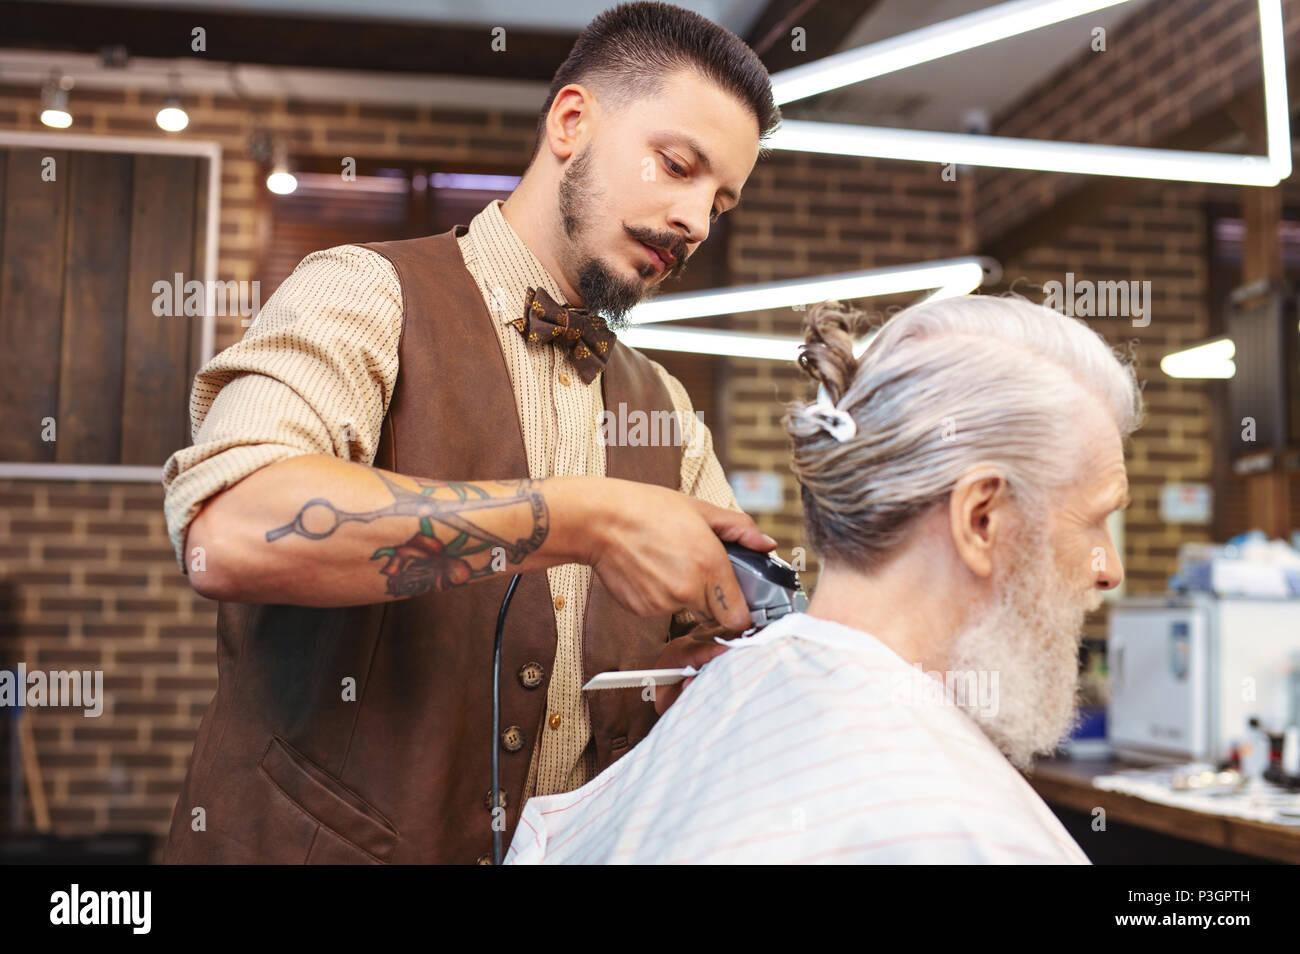 Konzentriert brunette männlichen Arbeiten im barbershop Stockbild